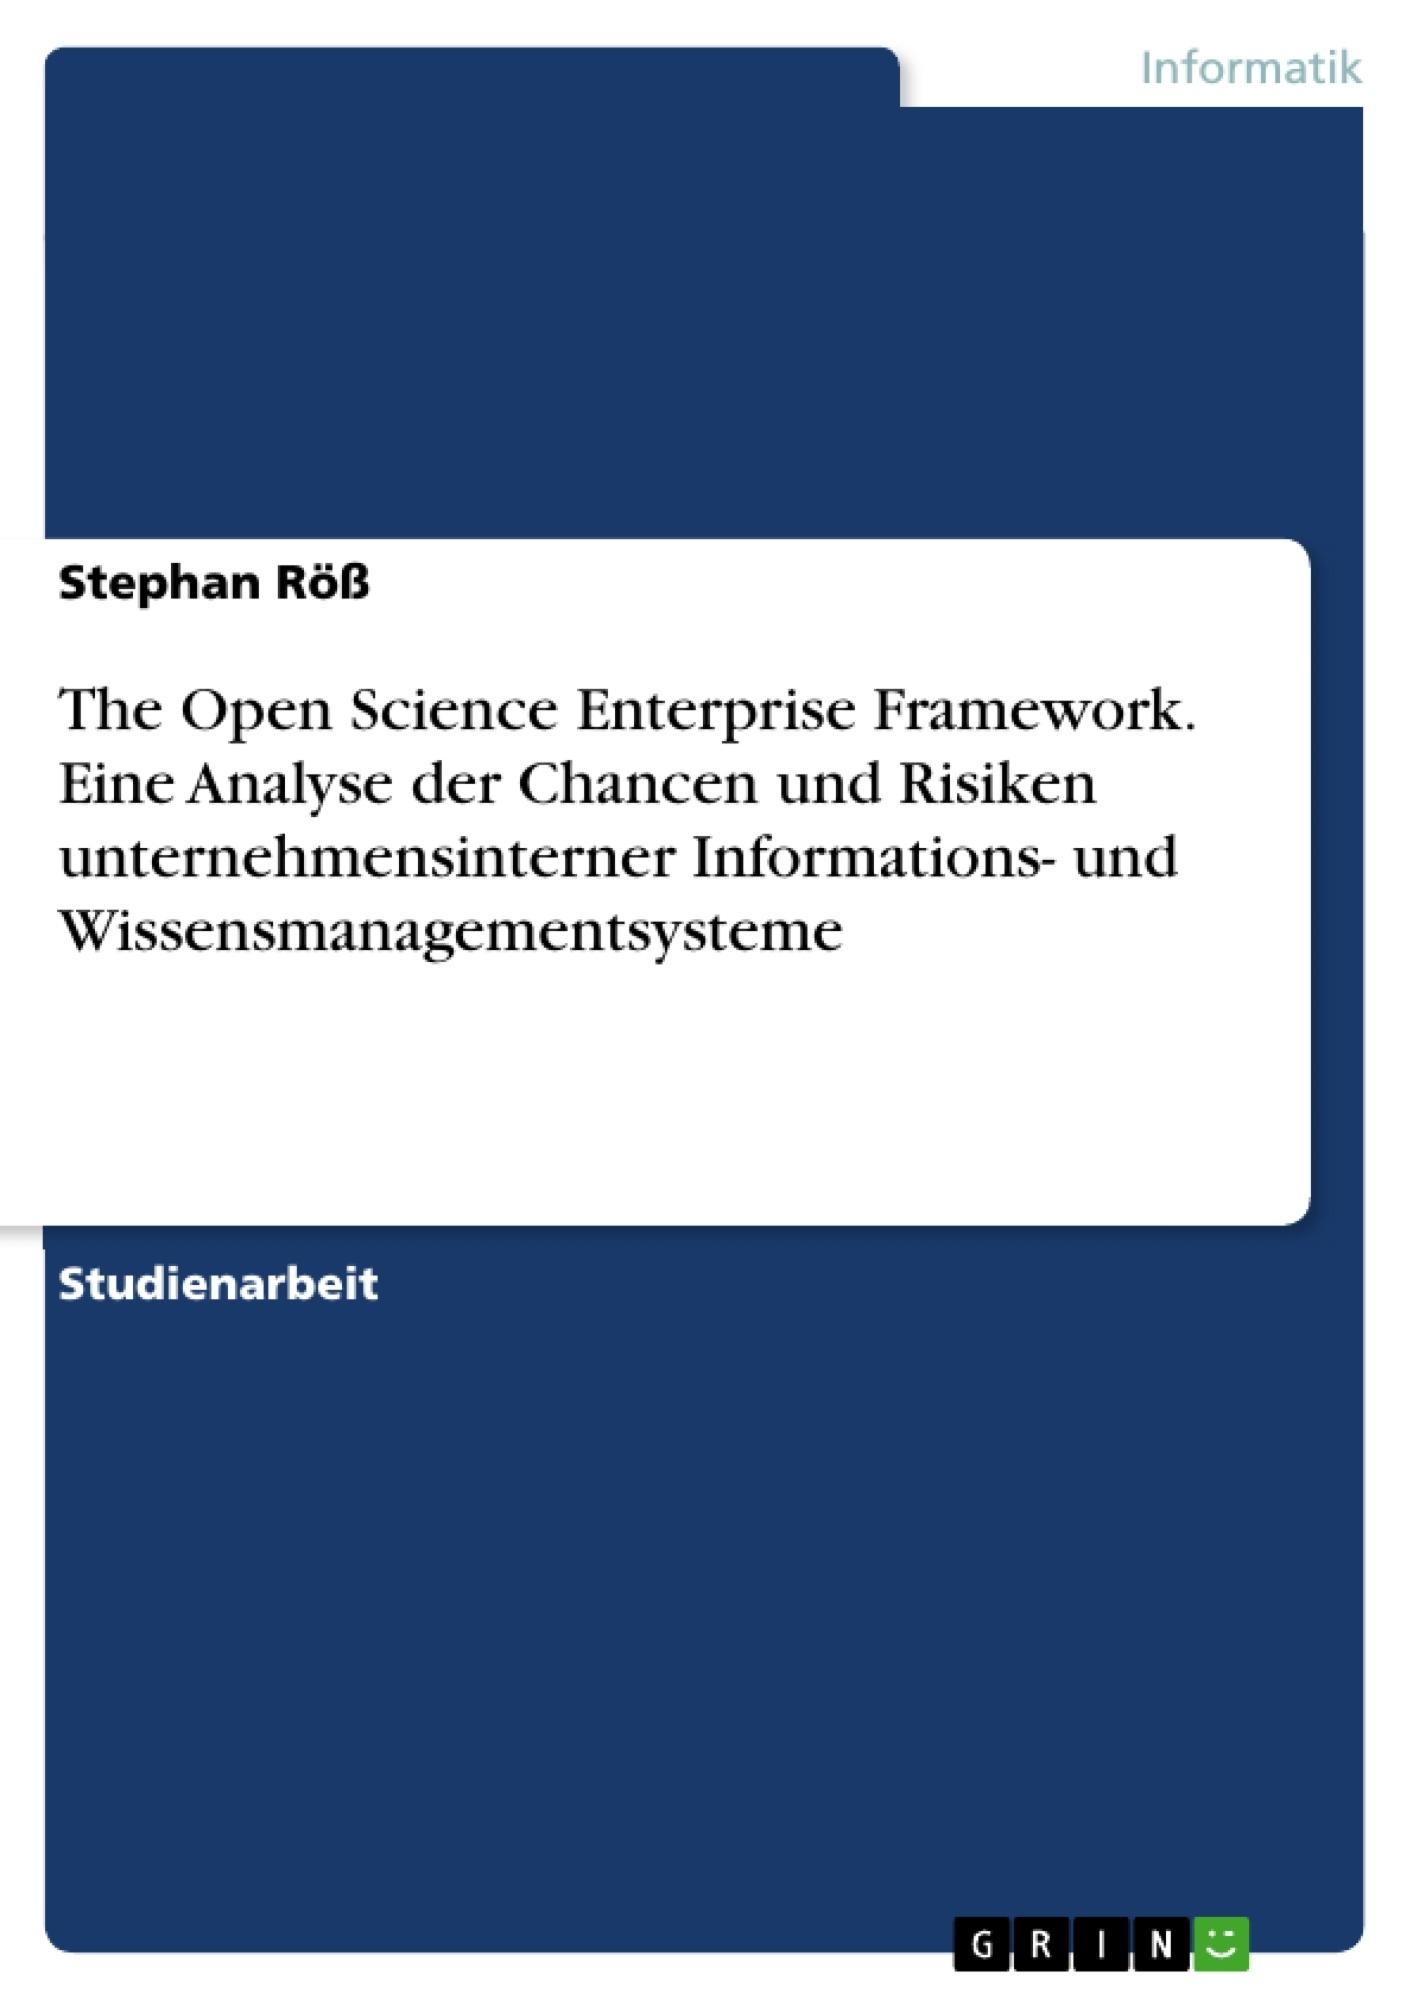 Titel: The Open Science Enterprise Framework. Eine Analyse der Chancen und Risiken unternehmensinterner Informations- und Wissensmanagementsysteme